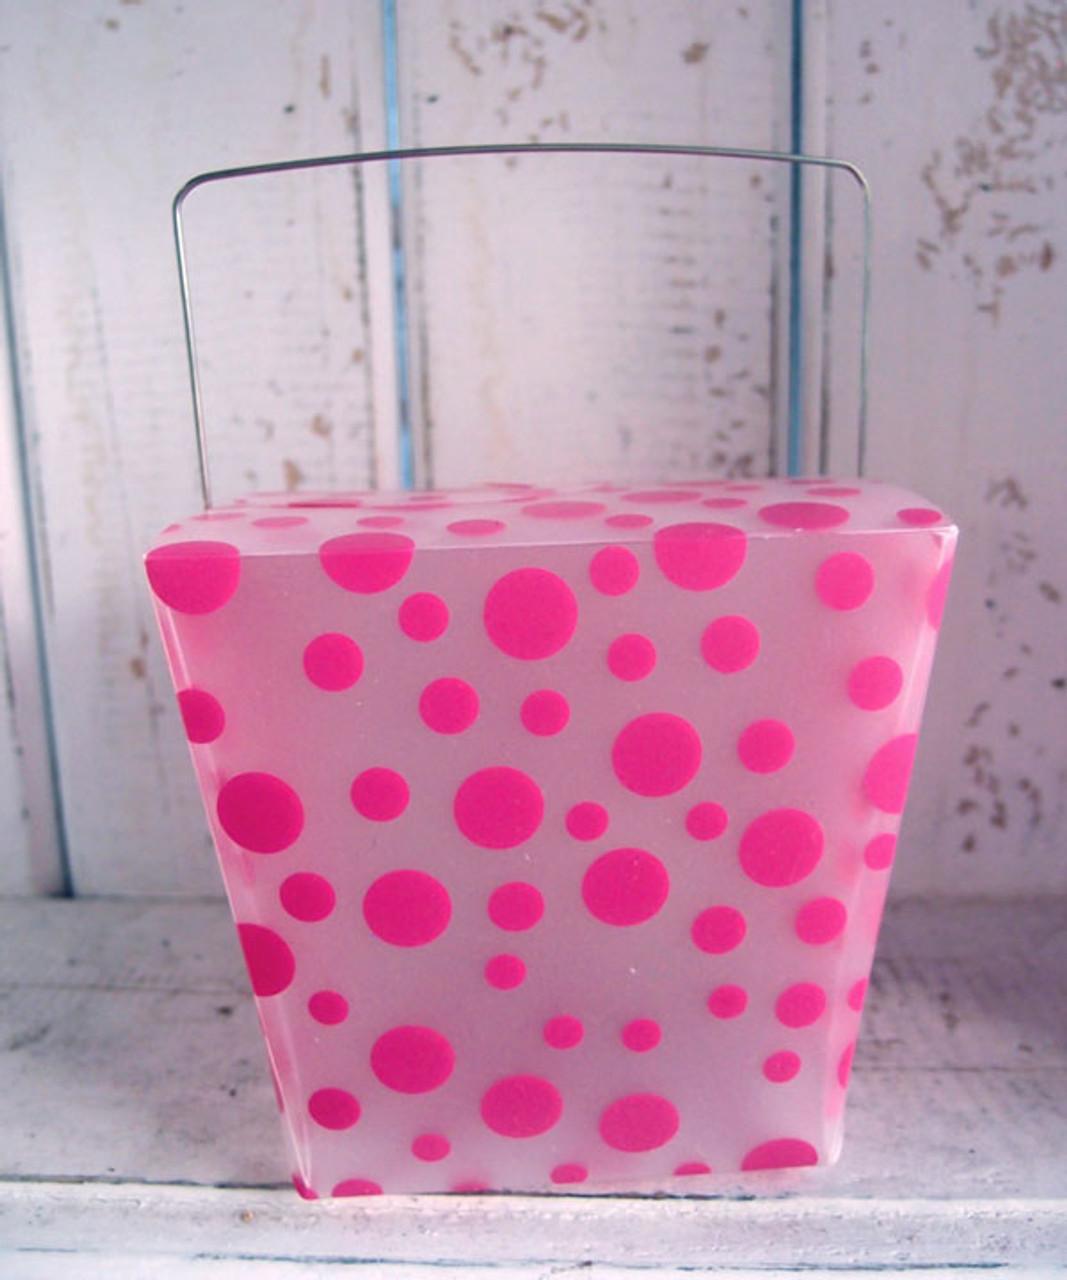 Hot Pink Polka Dot Take Out Box (2 sizes)